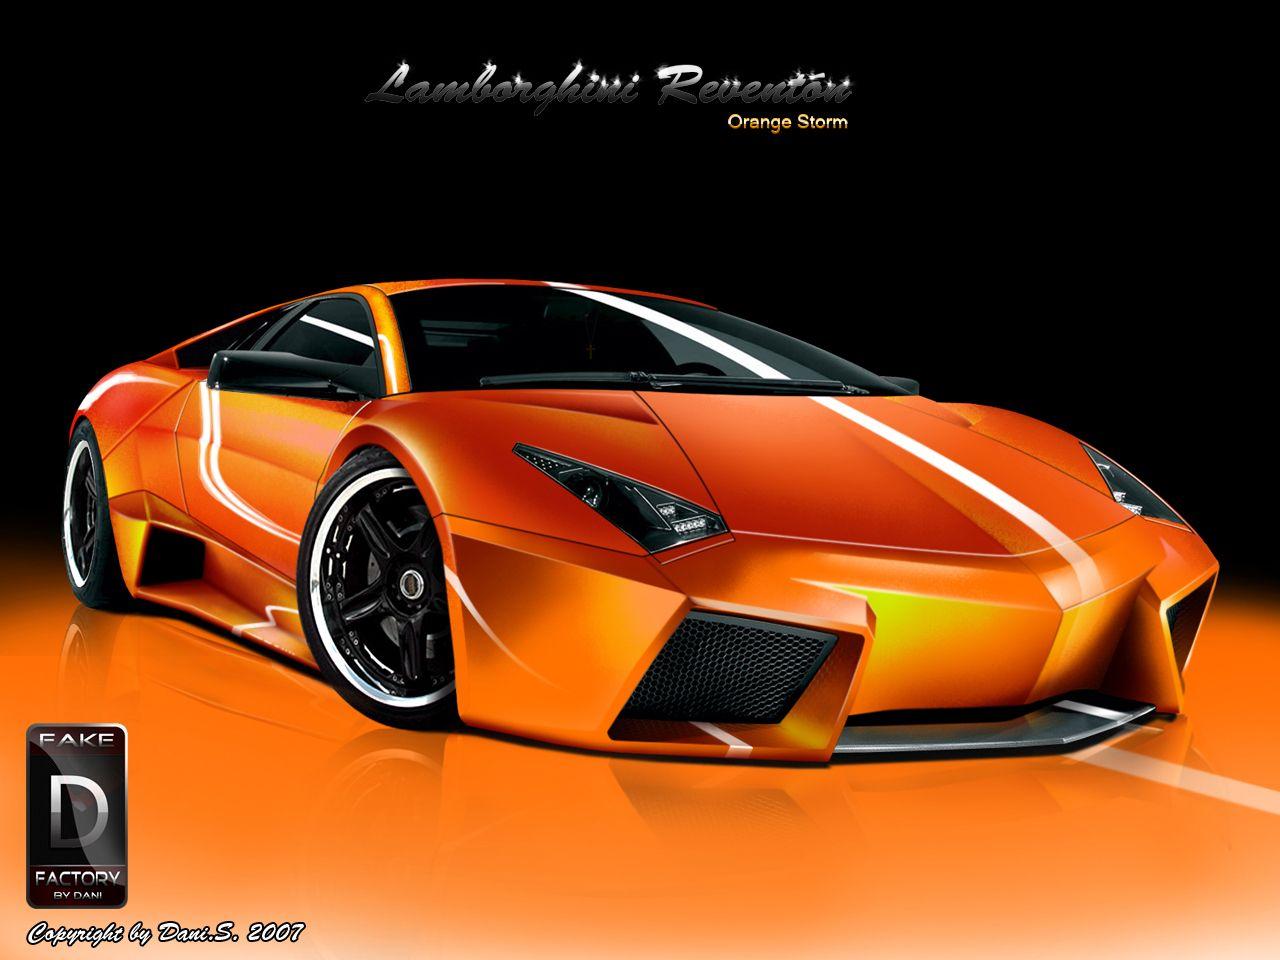 Lamborghini Wallpapers 442 Jpg 1280 960 Lamborghini Reventon Best Lamborghini Lamborghini